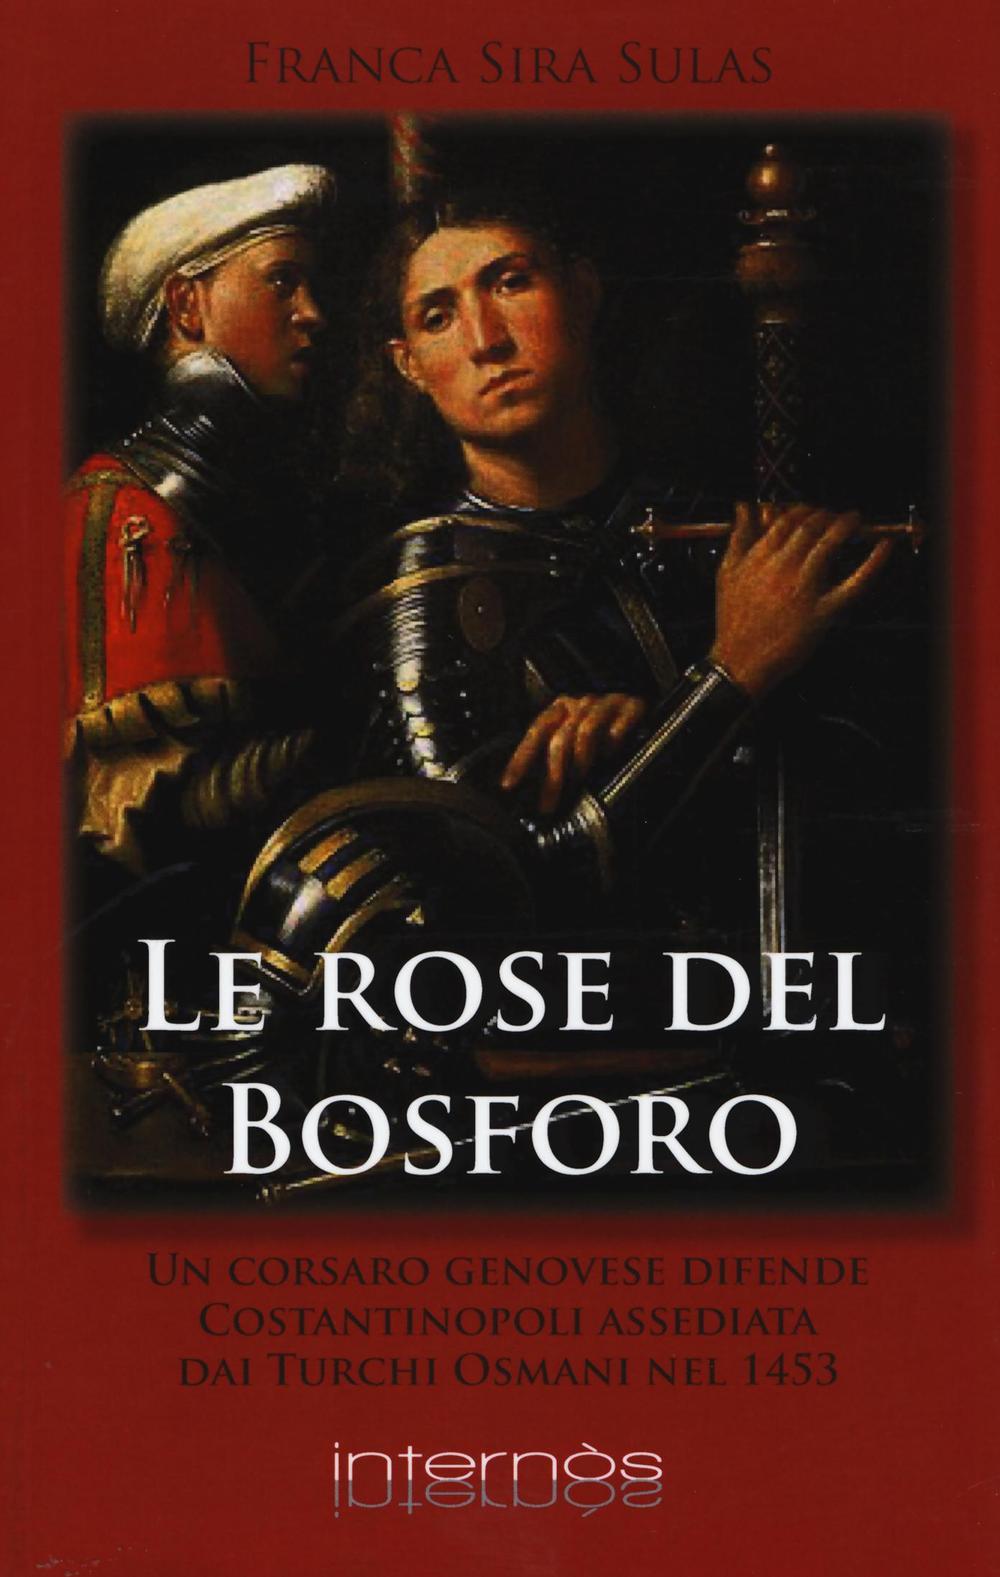 Image of Le rose del Bosforo